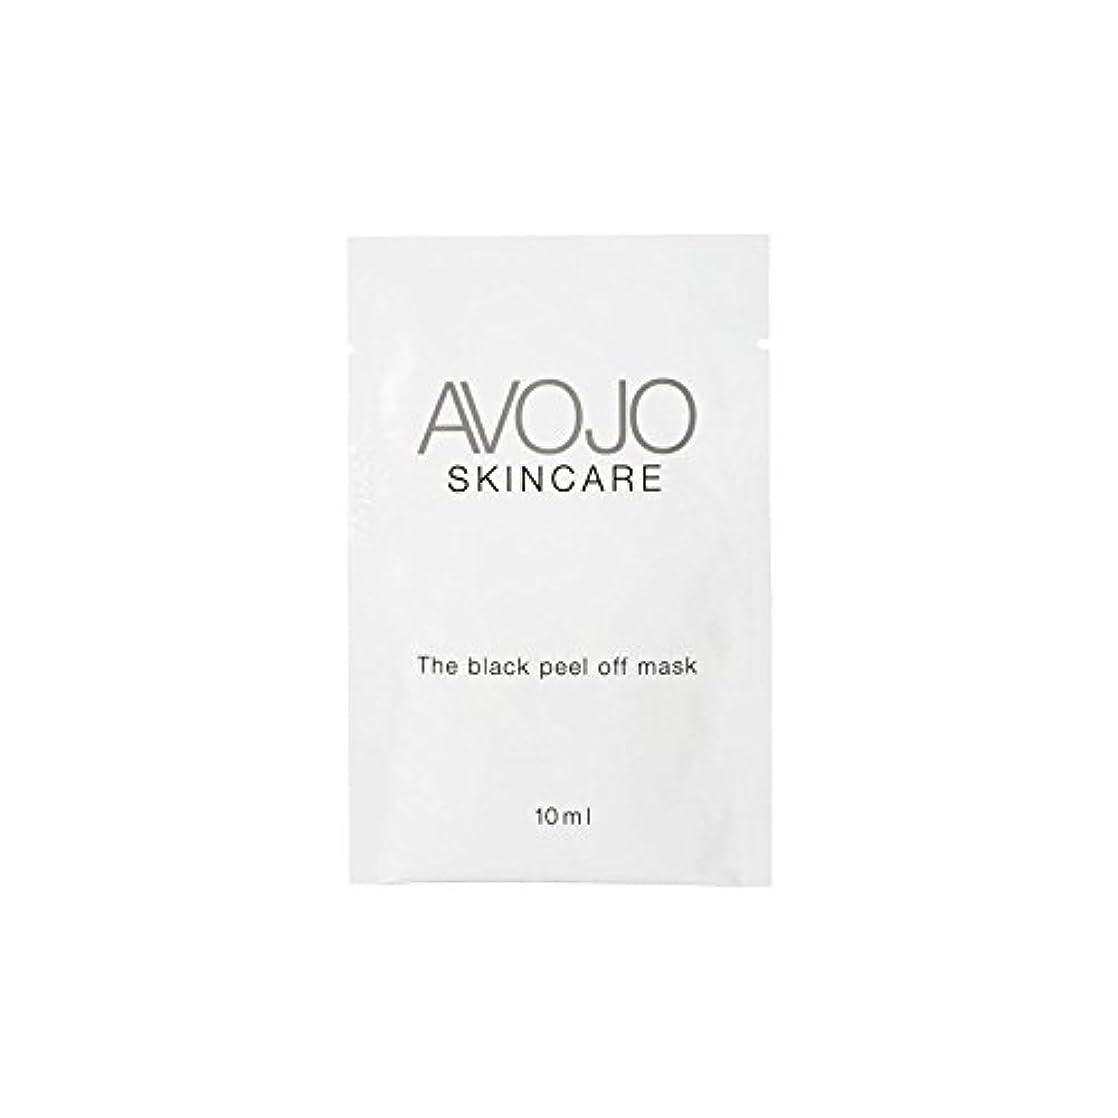 預言者水誤って- ブラックピールオフマスク - 小袋(10ミリリットル×4) x2 - Avojo - The Black Peel Off Mask - Sachet (10ml X 4) (Pack of 2) [並行輸入品]